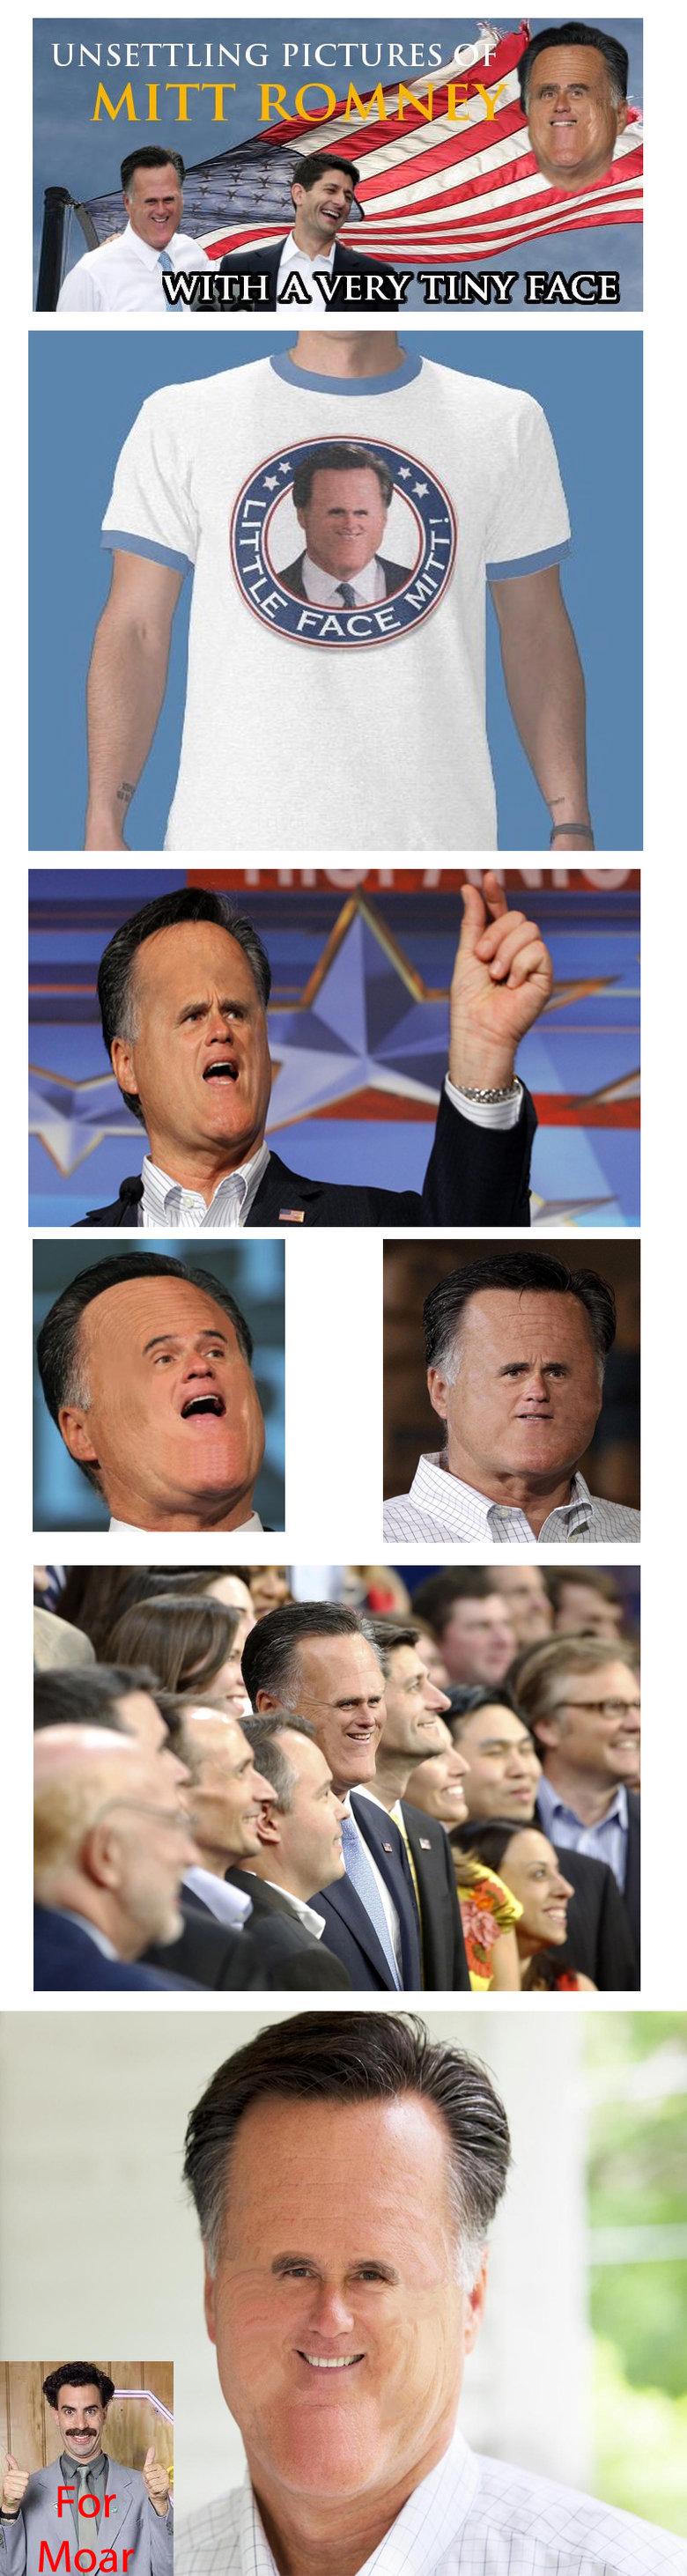 Little Face Mitt Has A Little Face. Oh little face Mitt y u so silly?. UNSETTLING ,. Mott Romnoy